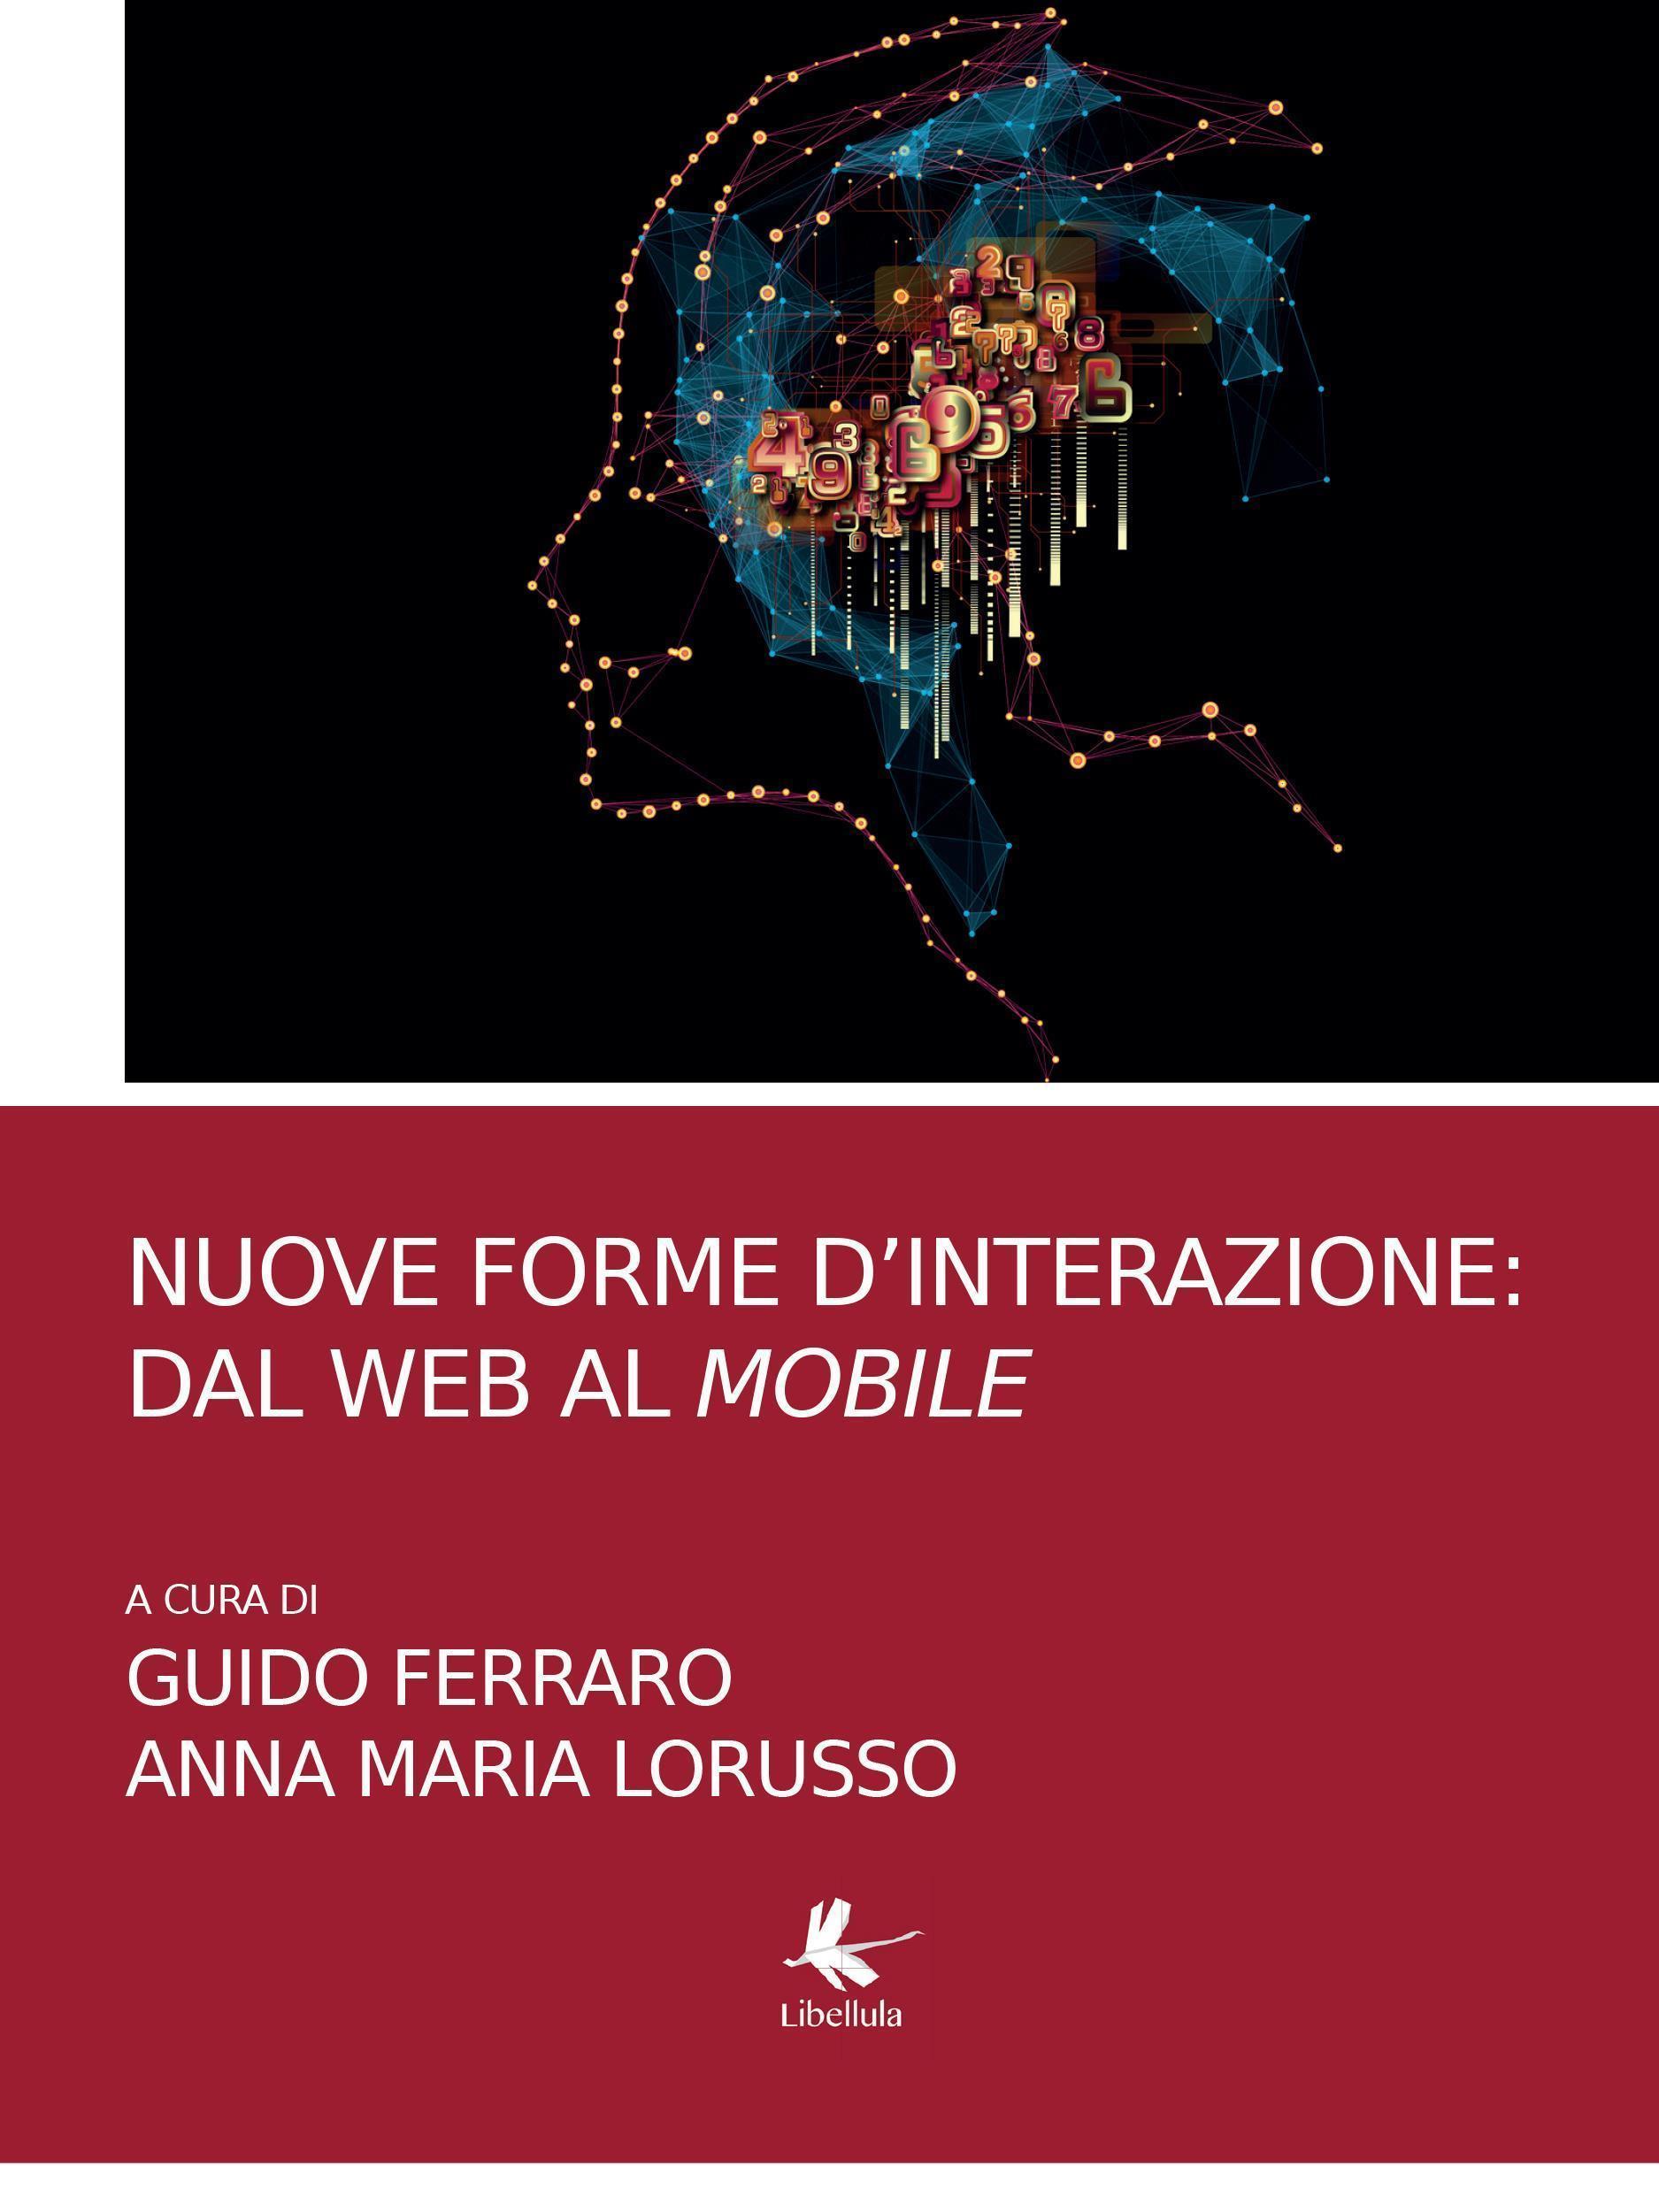 Nuove forme d'interazione: dal web al mobile